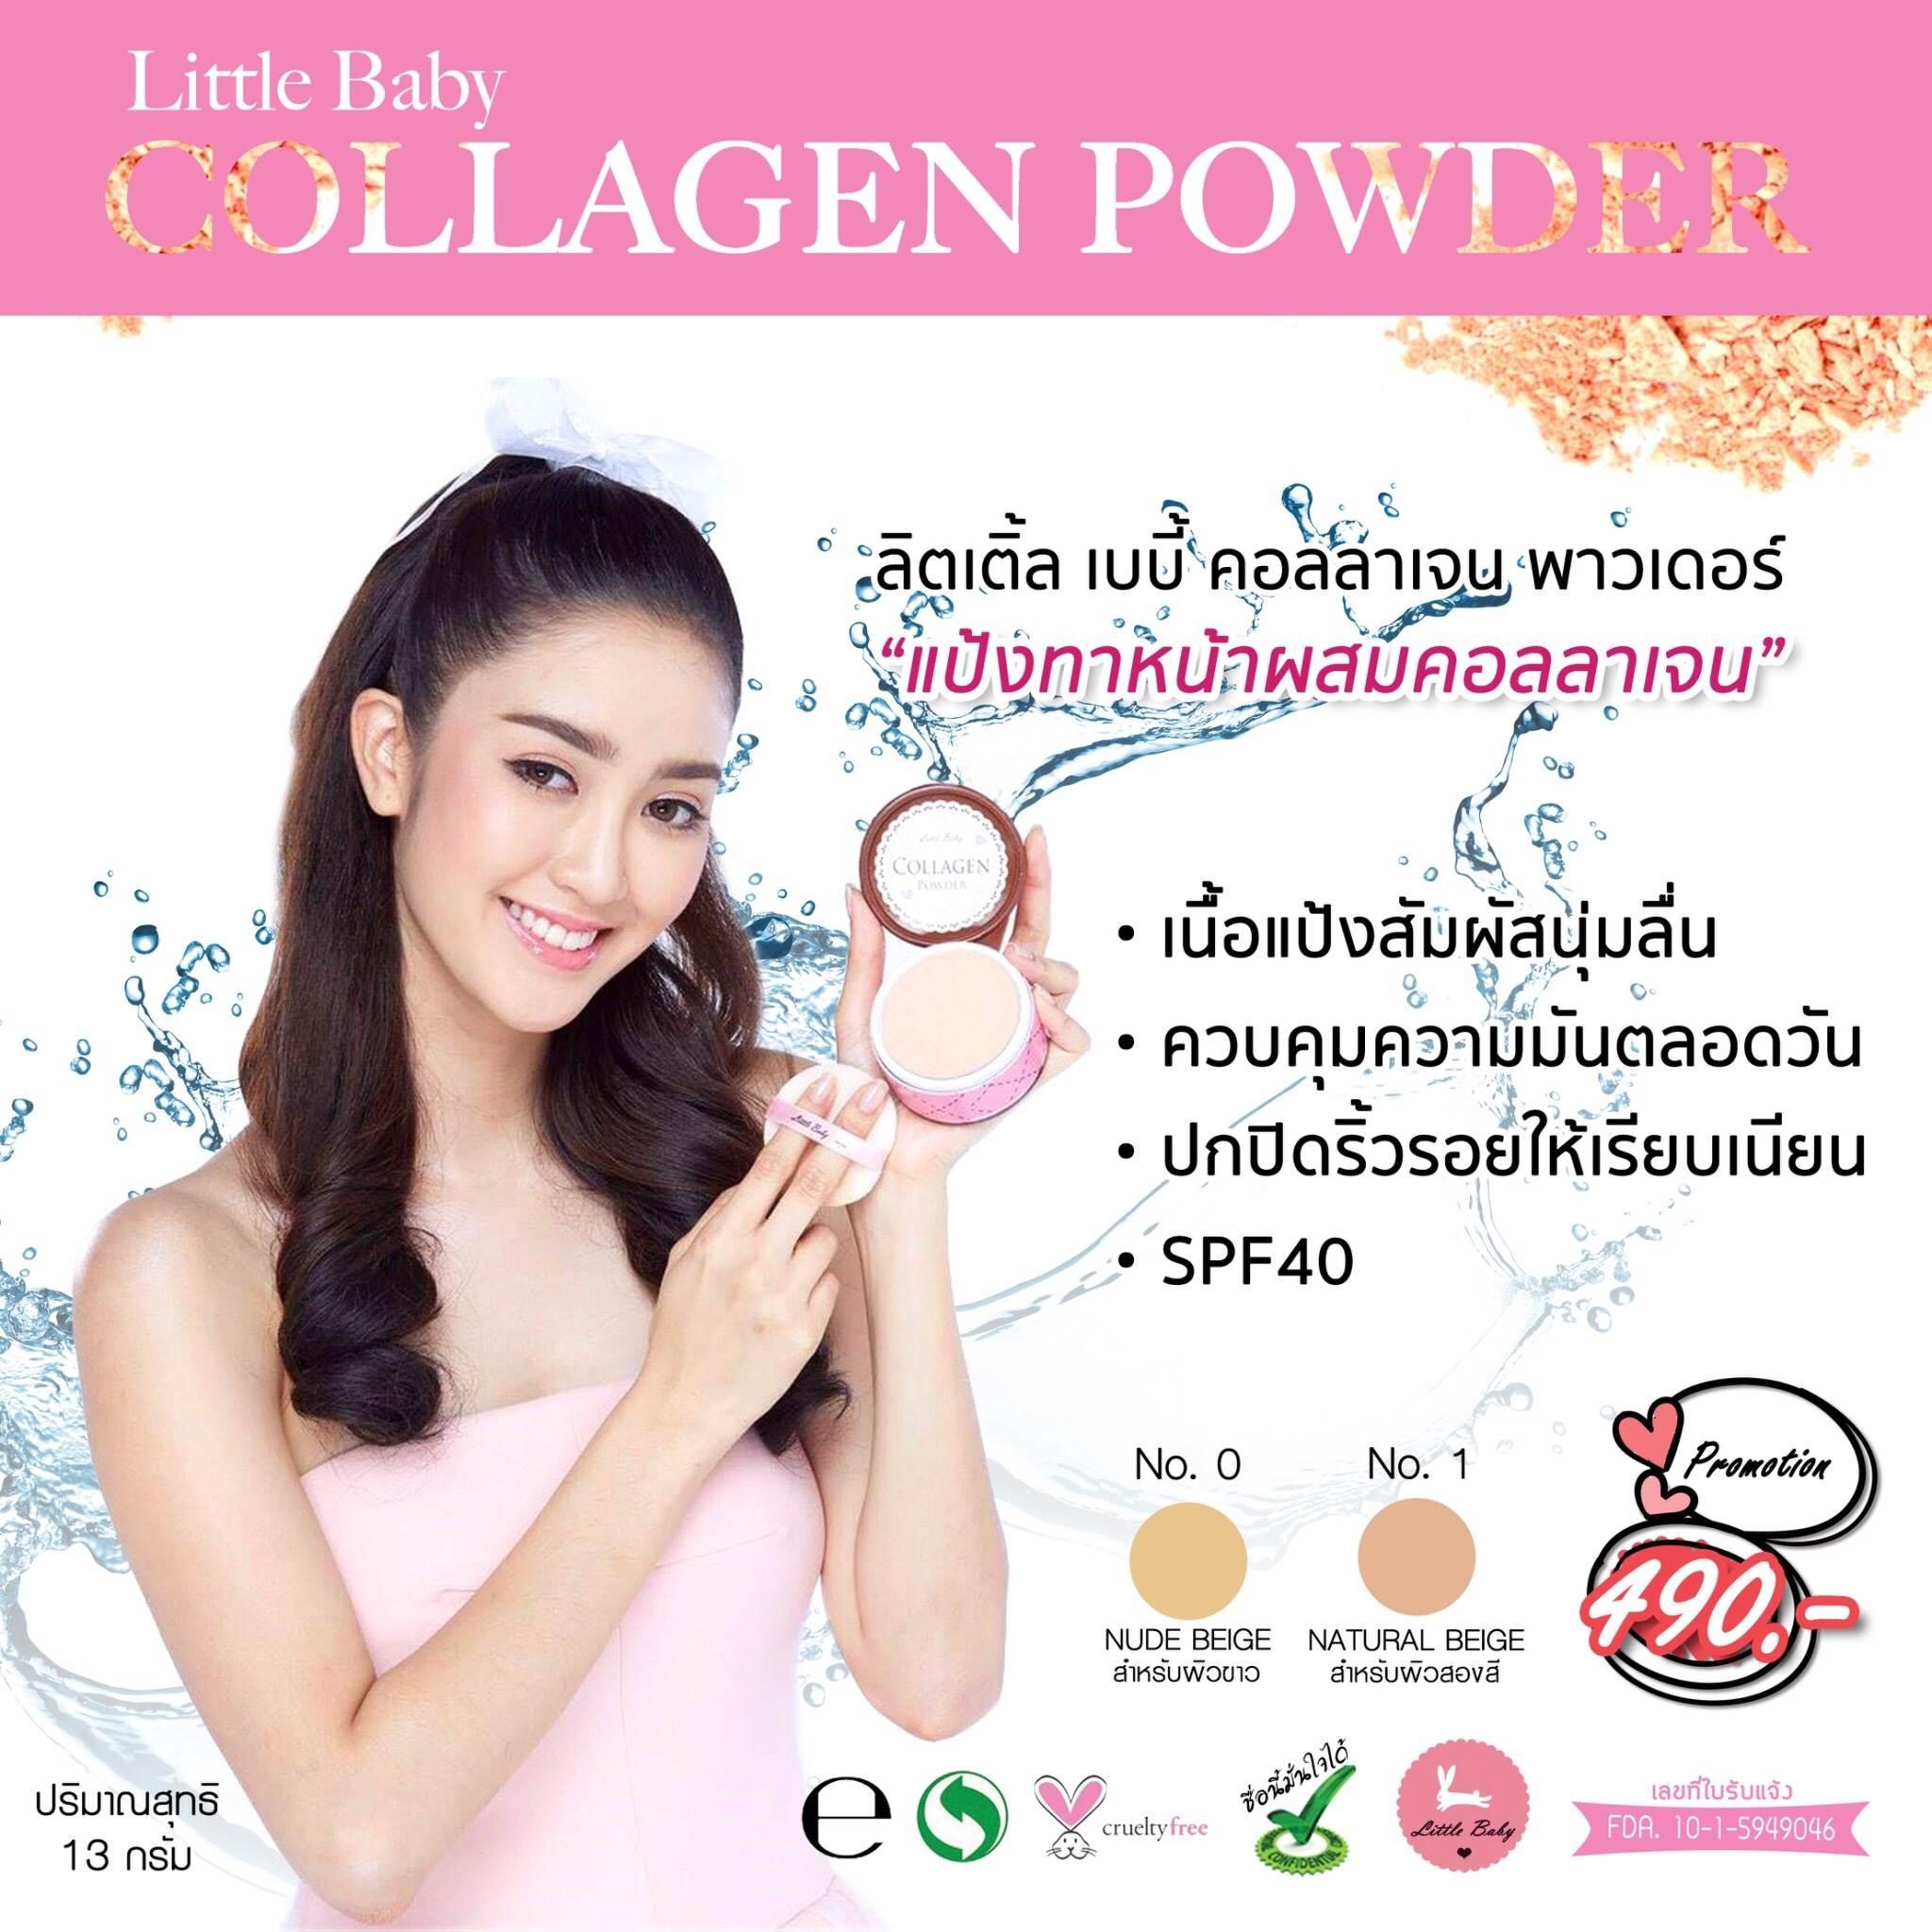 Collagen Powder แป้งควบคุมความมัน ตบเพียงครั้งเดียวสวยตลอดวัน